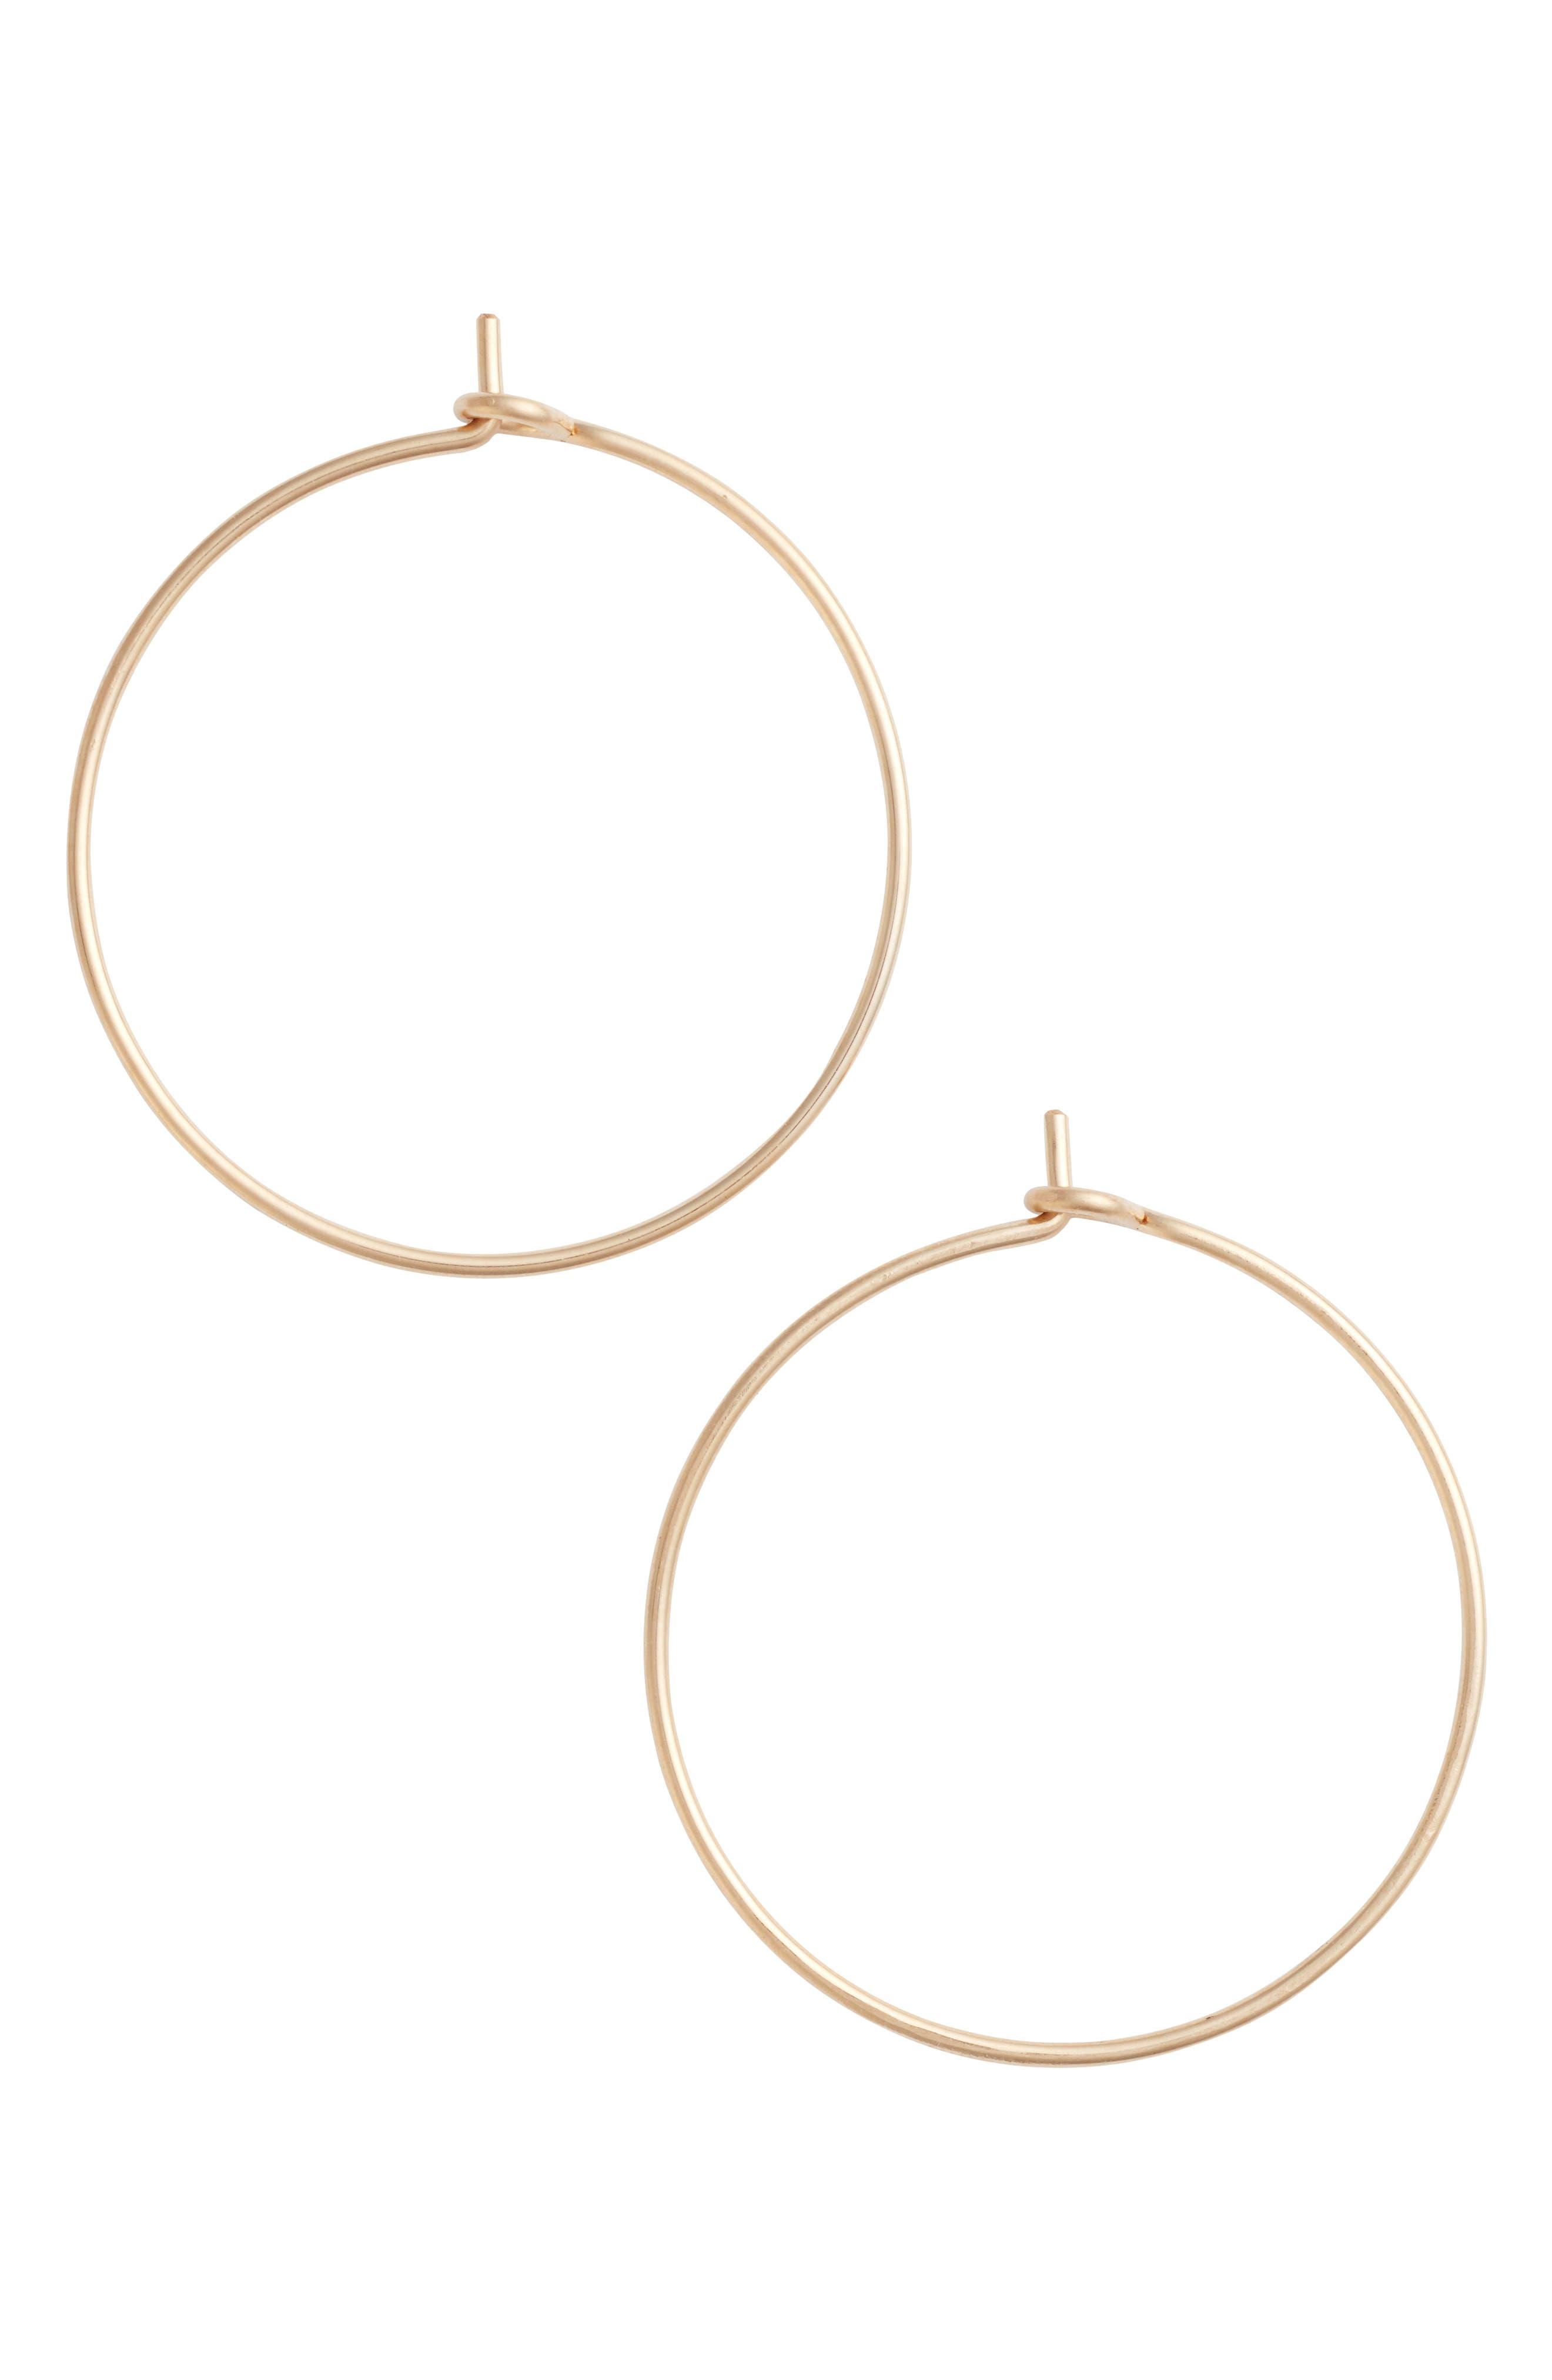 Medium Pure Hoop Earrings,                             Main thumbnail 1, color,                             Gold